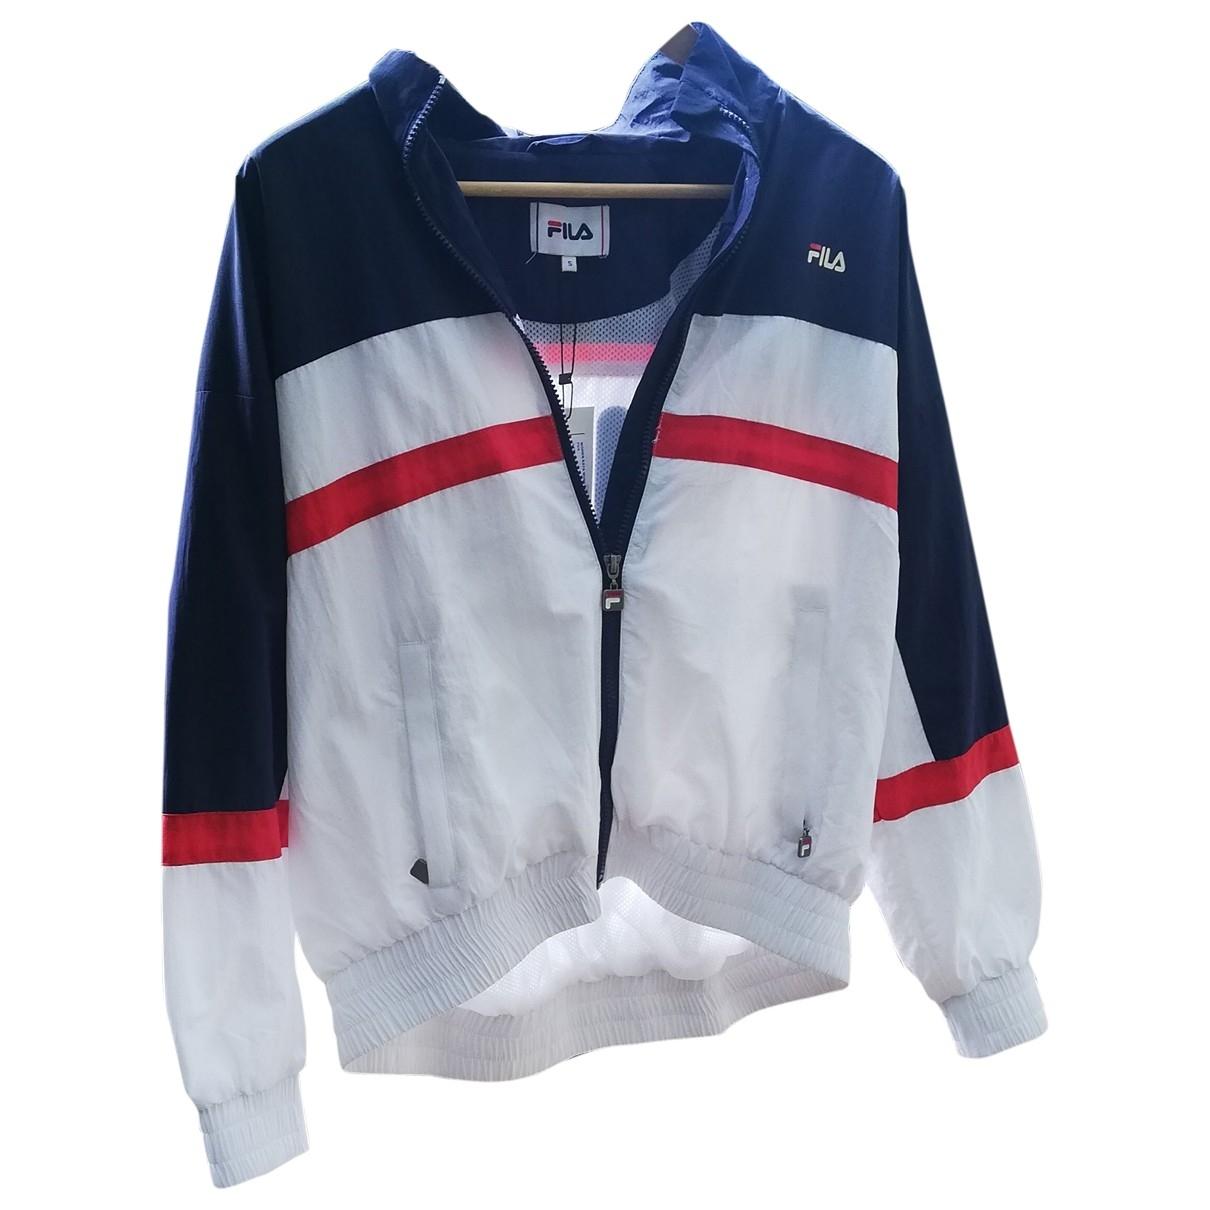 Fila \N White jacket for Women 36 FR